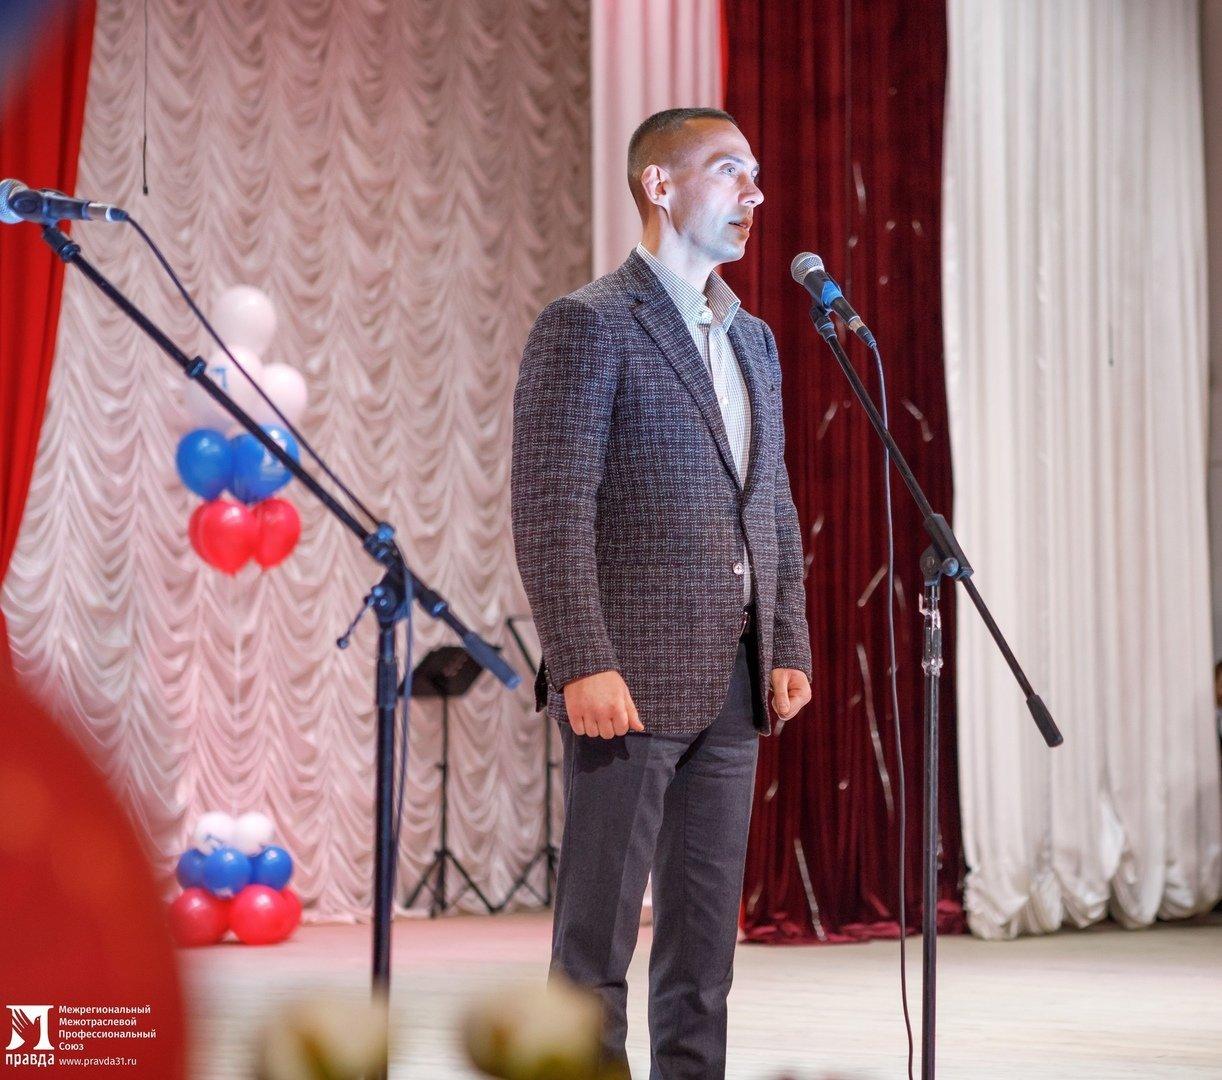 Белгородская область богата героями: фотовыставка «Герои среди нас» приехала в Красную Яругу, фото-8